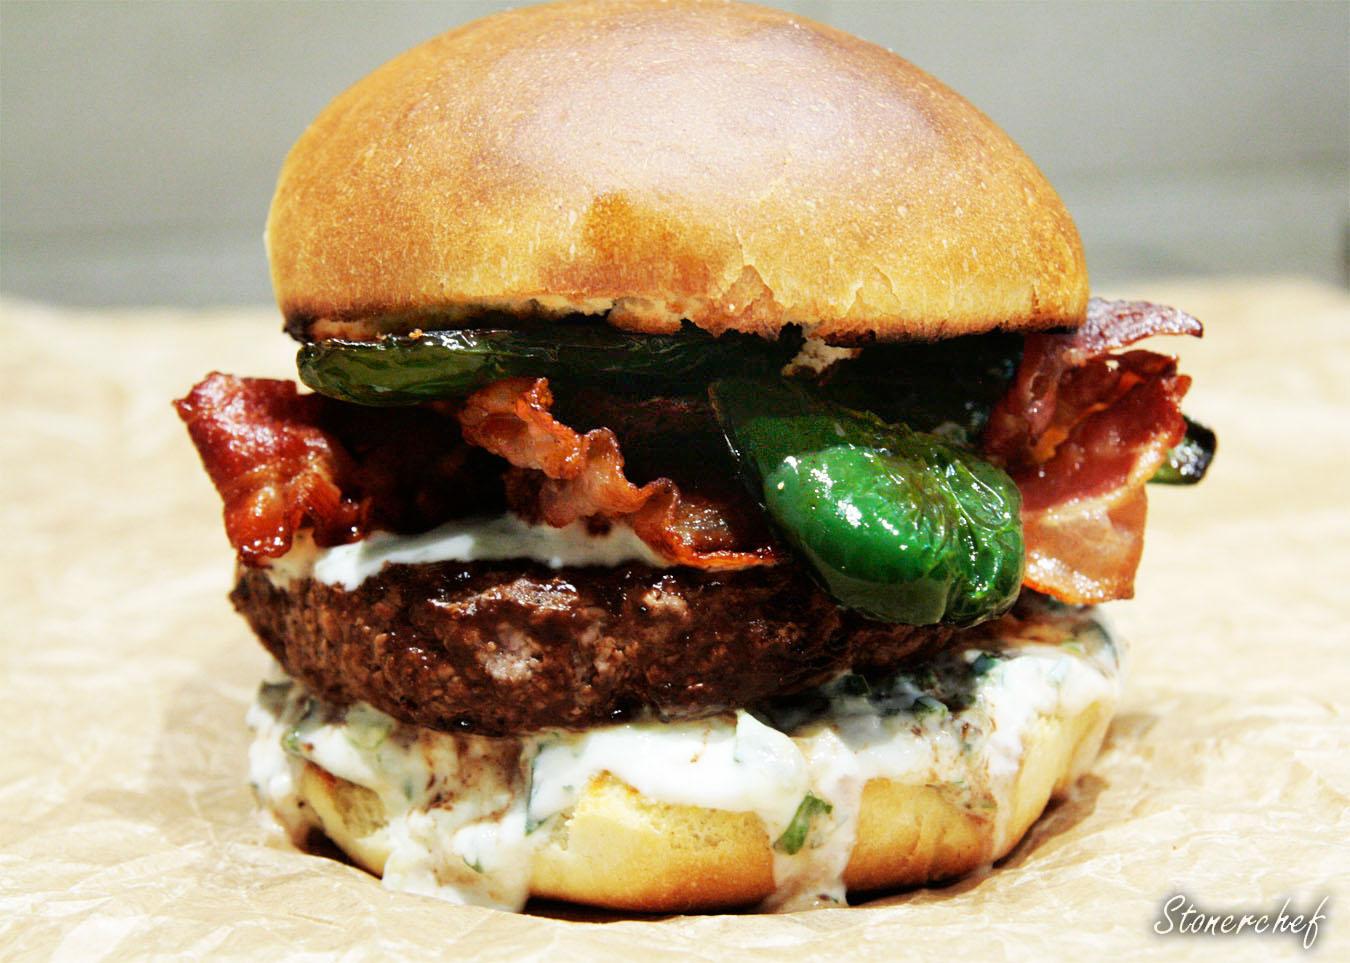 https://www.stonerchef.pl/wp-content/uploads/2017/03/zblizenie-na-burgera-w-czekoladzie-i-whisky.jpg